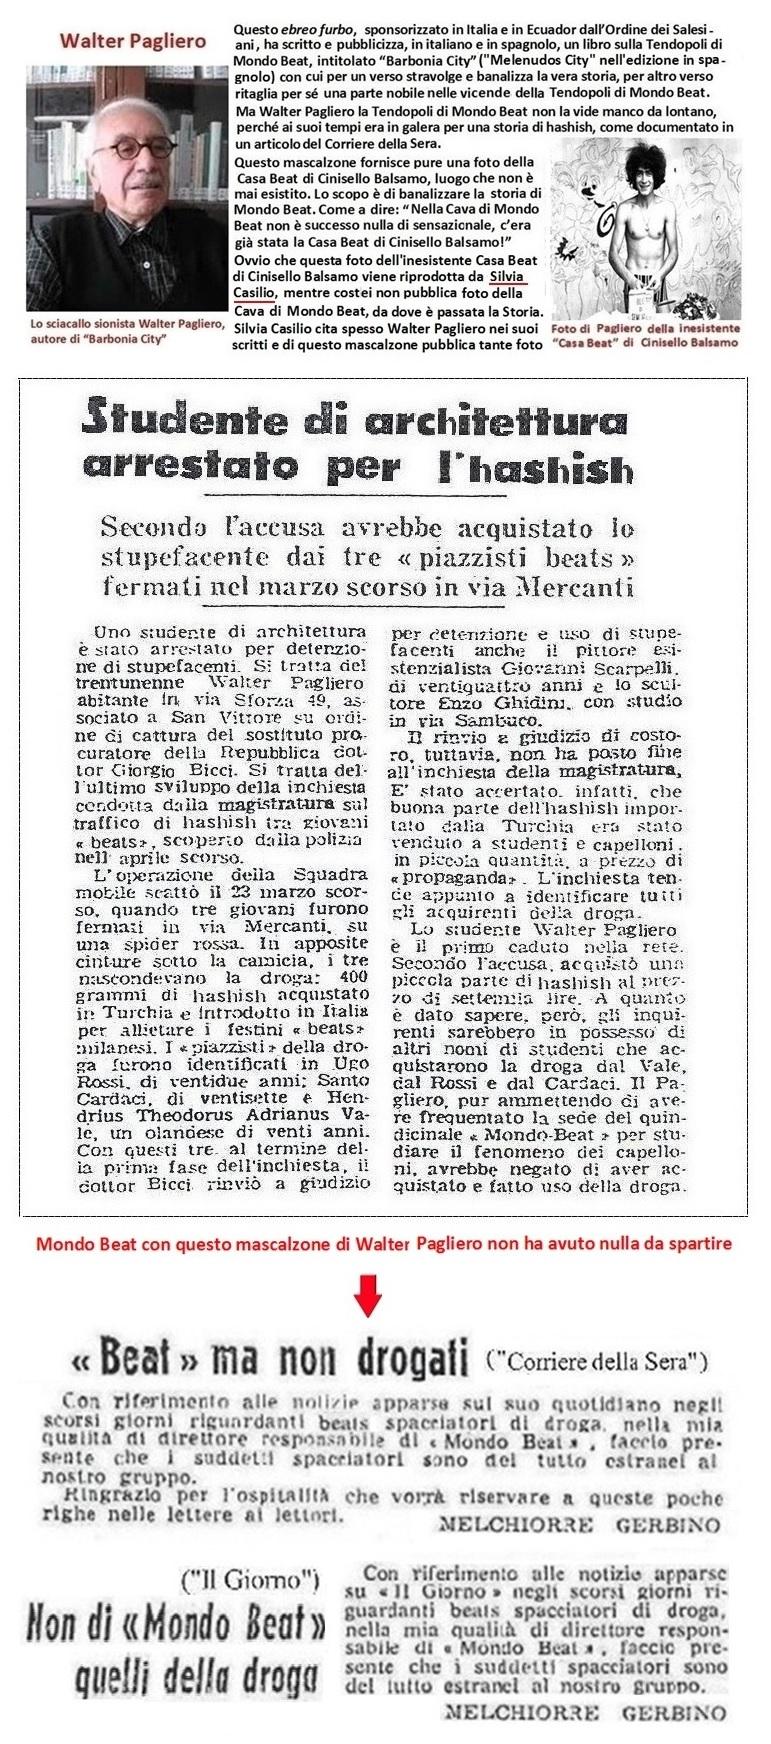 La cattolica Silvia Casilio e il sionista Walter Pagliero al servizio del Vaticano nel disperdere la memoria della storia di Mondo Beat